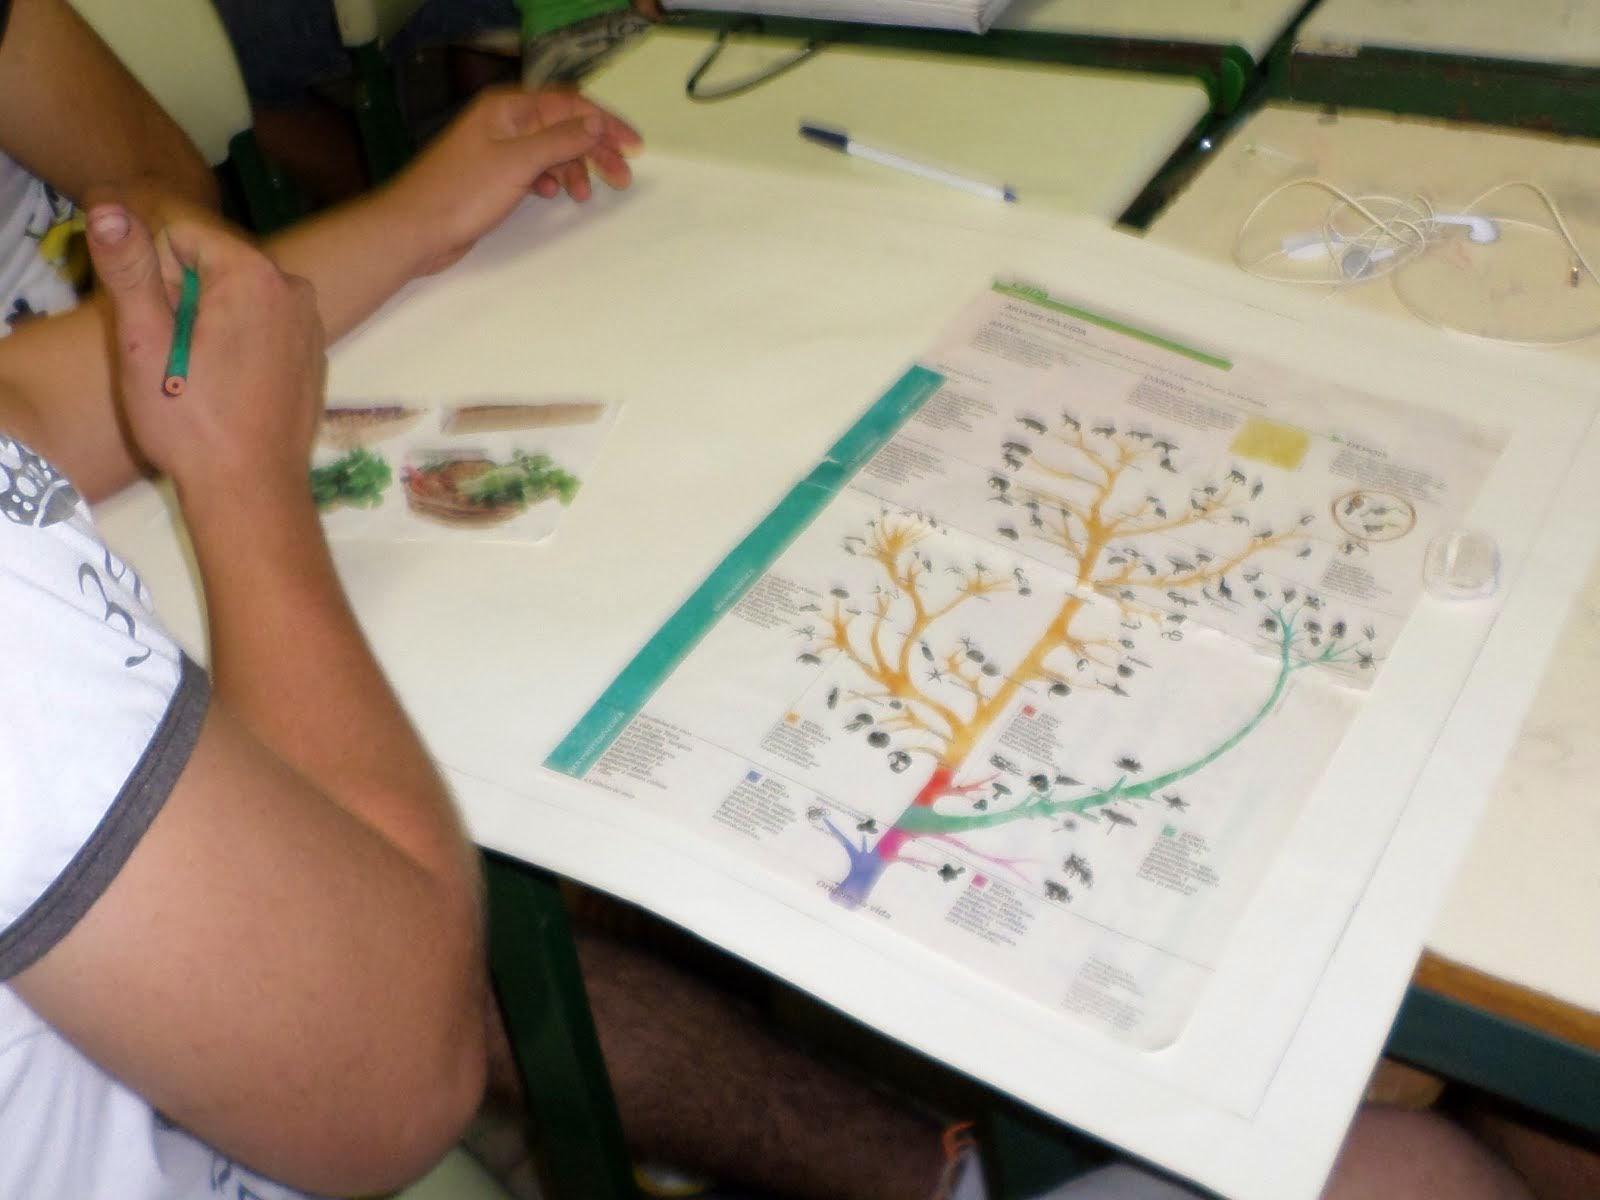 Cartaz sobre Biologia